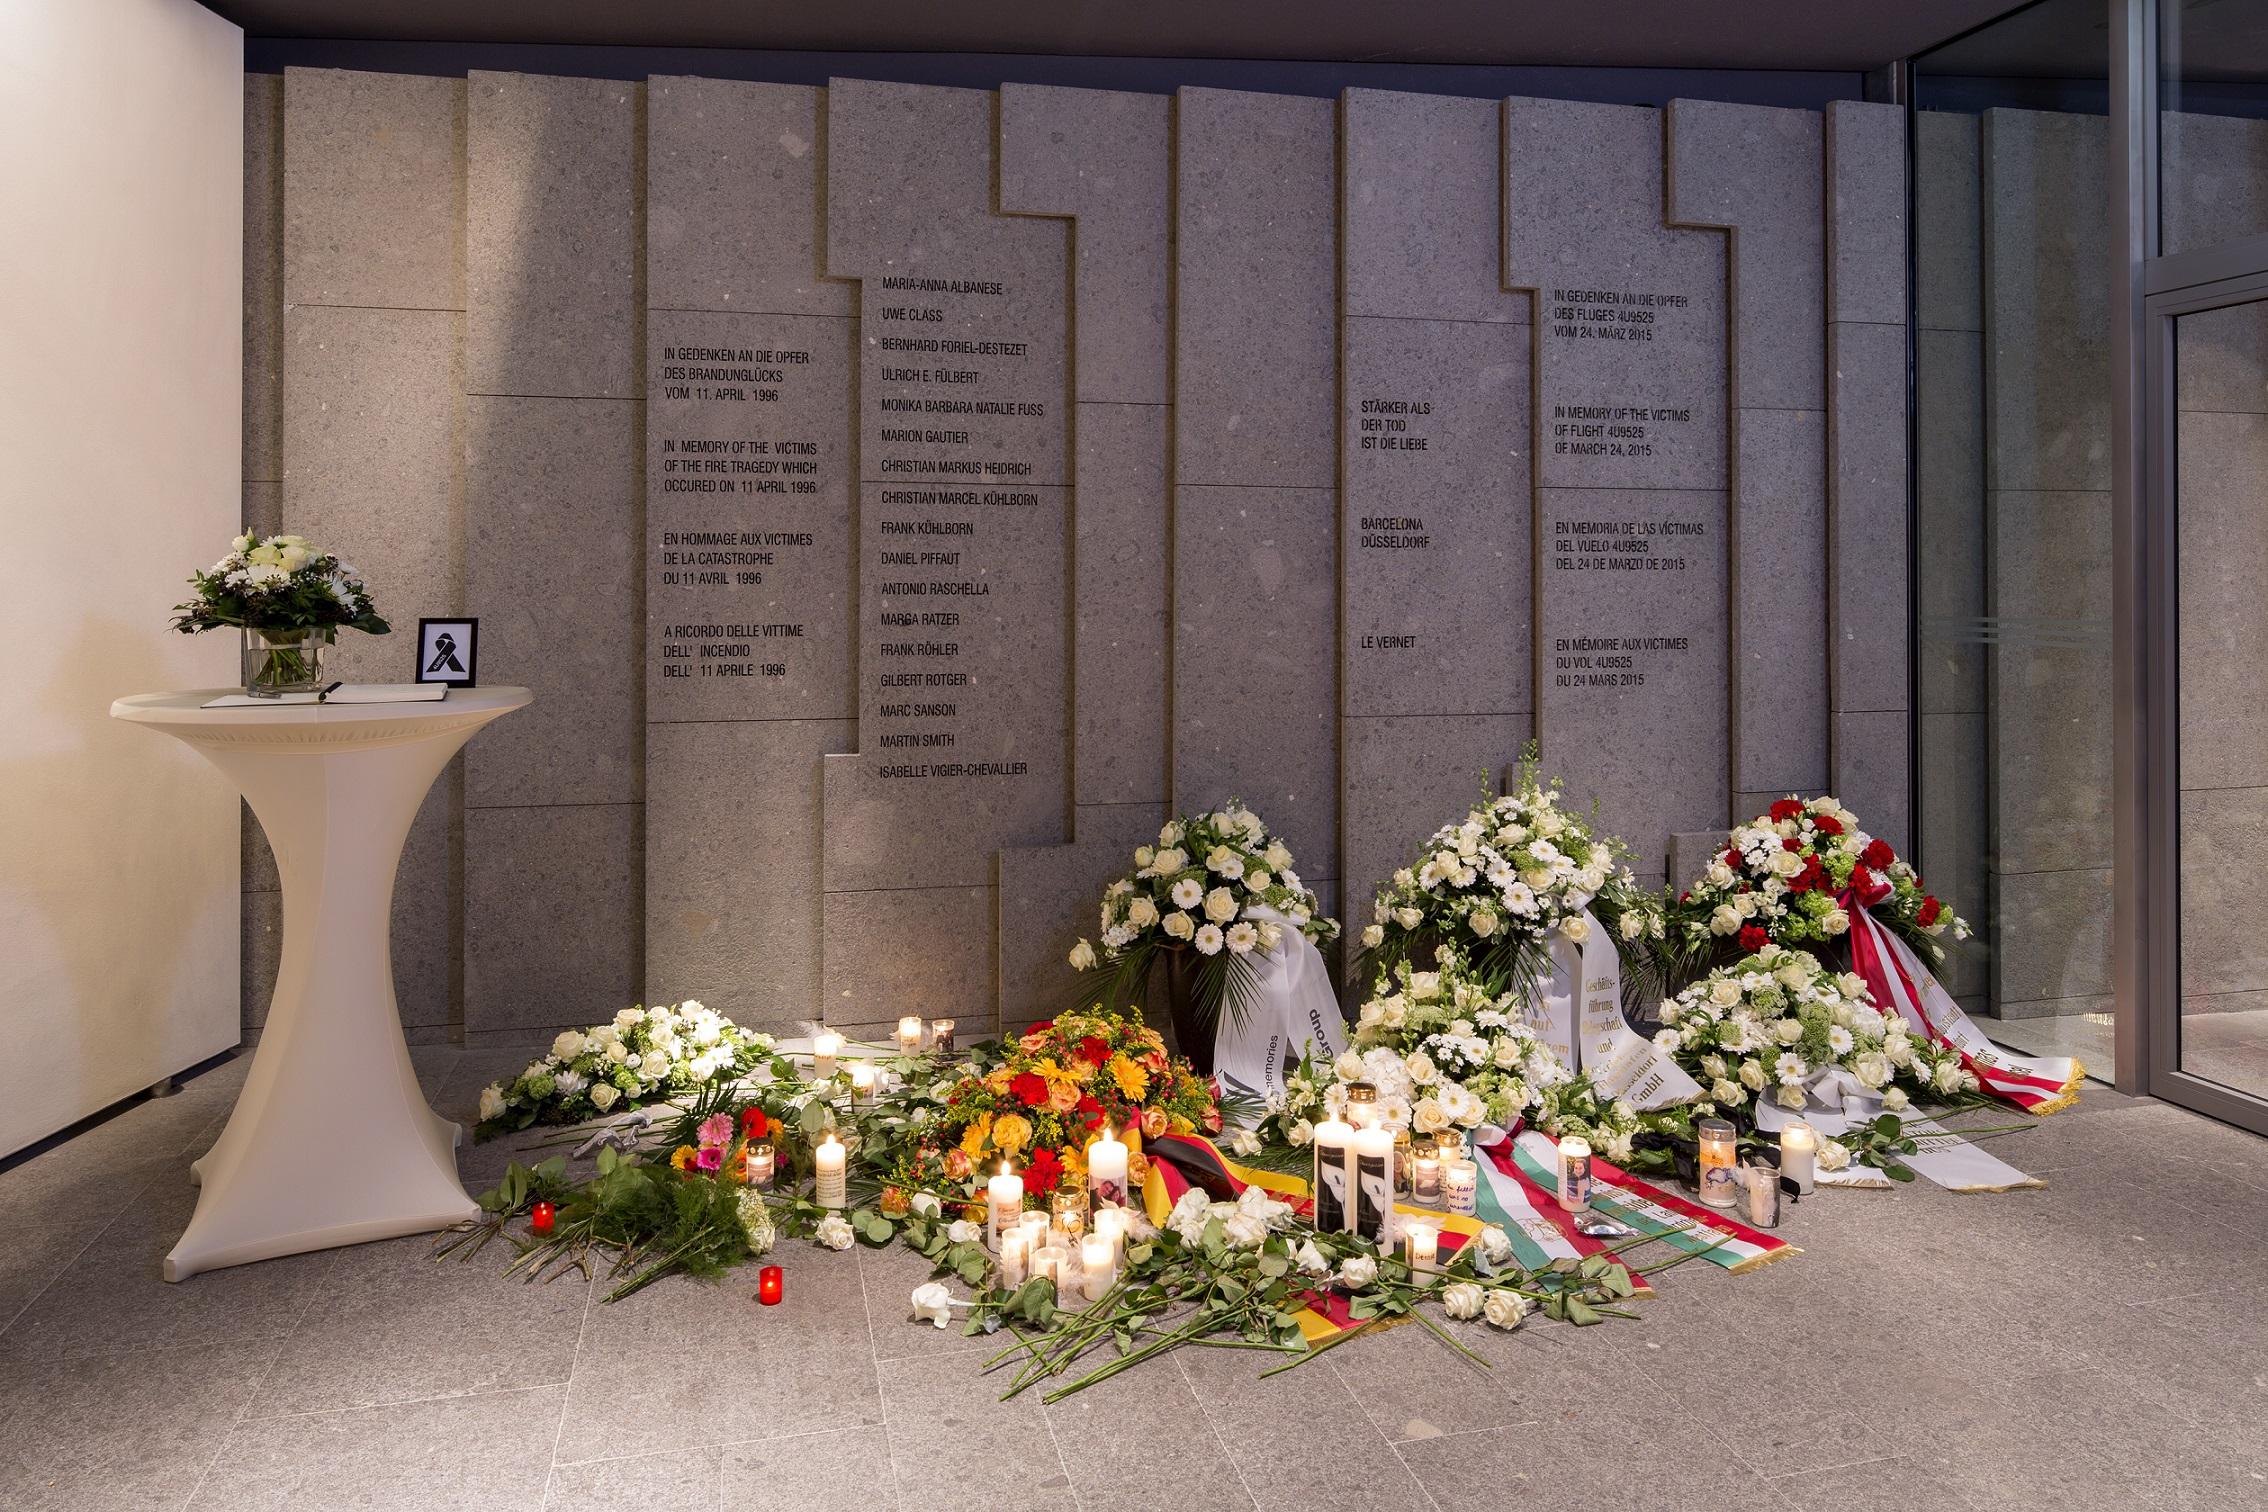 Düsseldorf Airport weiht Gedenkinschrift für die Opfer des Germanwings-Unglücks ein (Foto: Düsseldorf Airport)